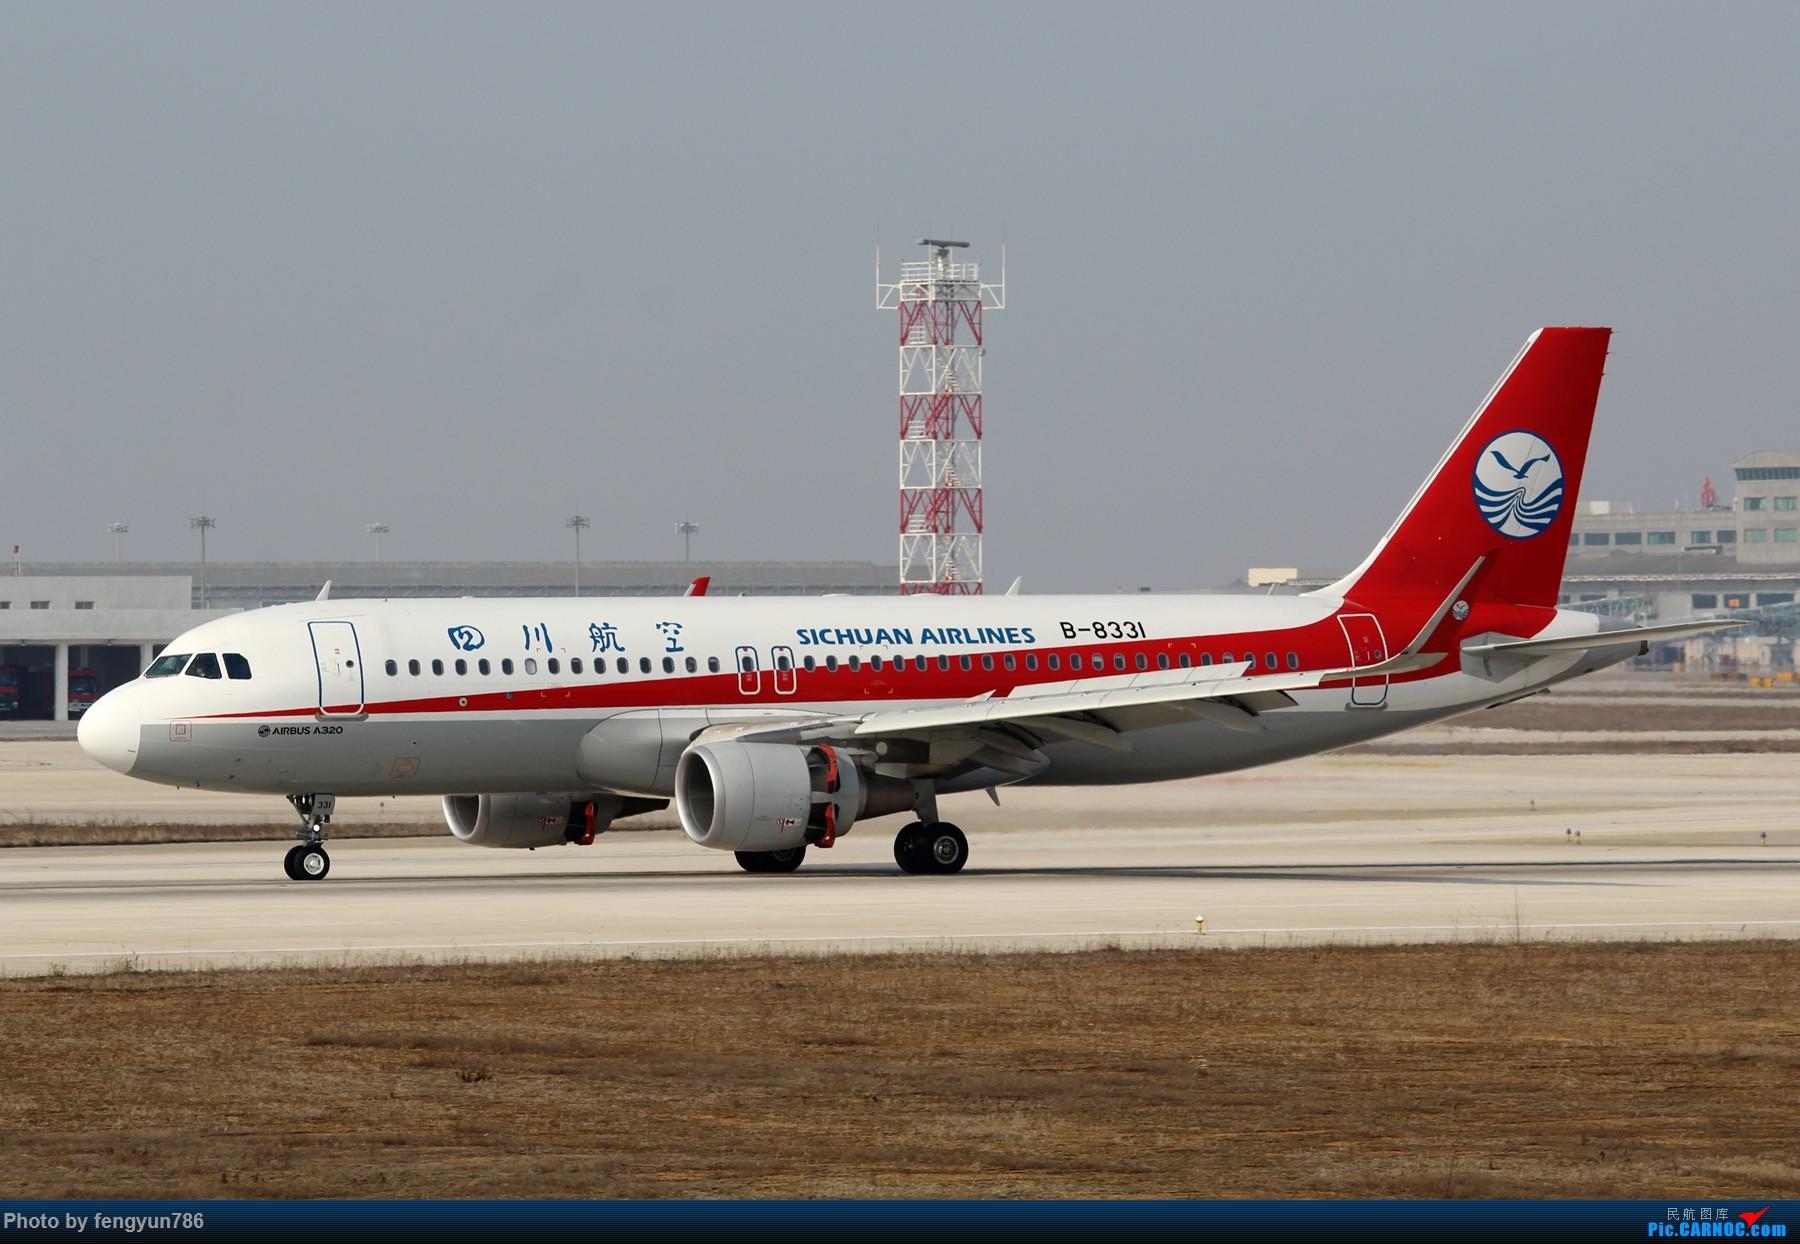 Re:[原创]NKG跑道边两小时,擦烟反推,星星邮戳都有了 AIRBUS A320-200 B-8331 中国南京禄口国际机场